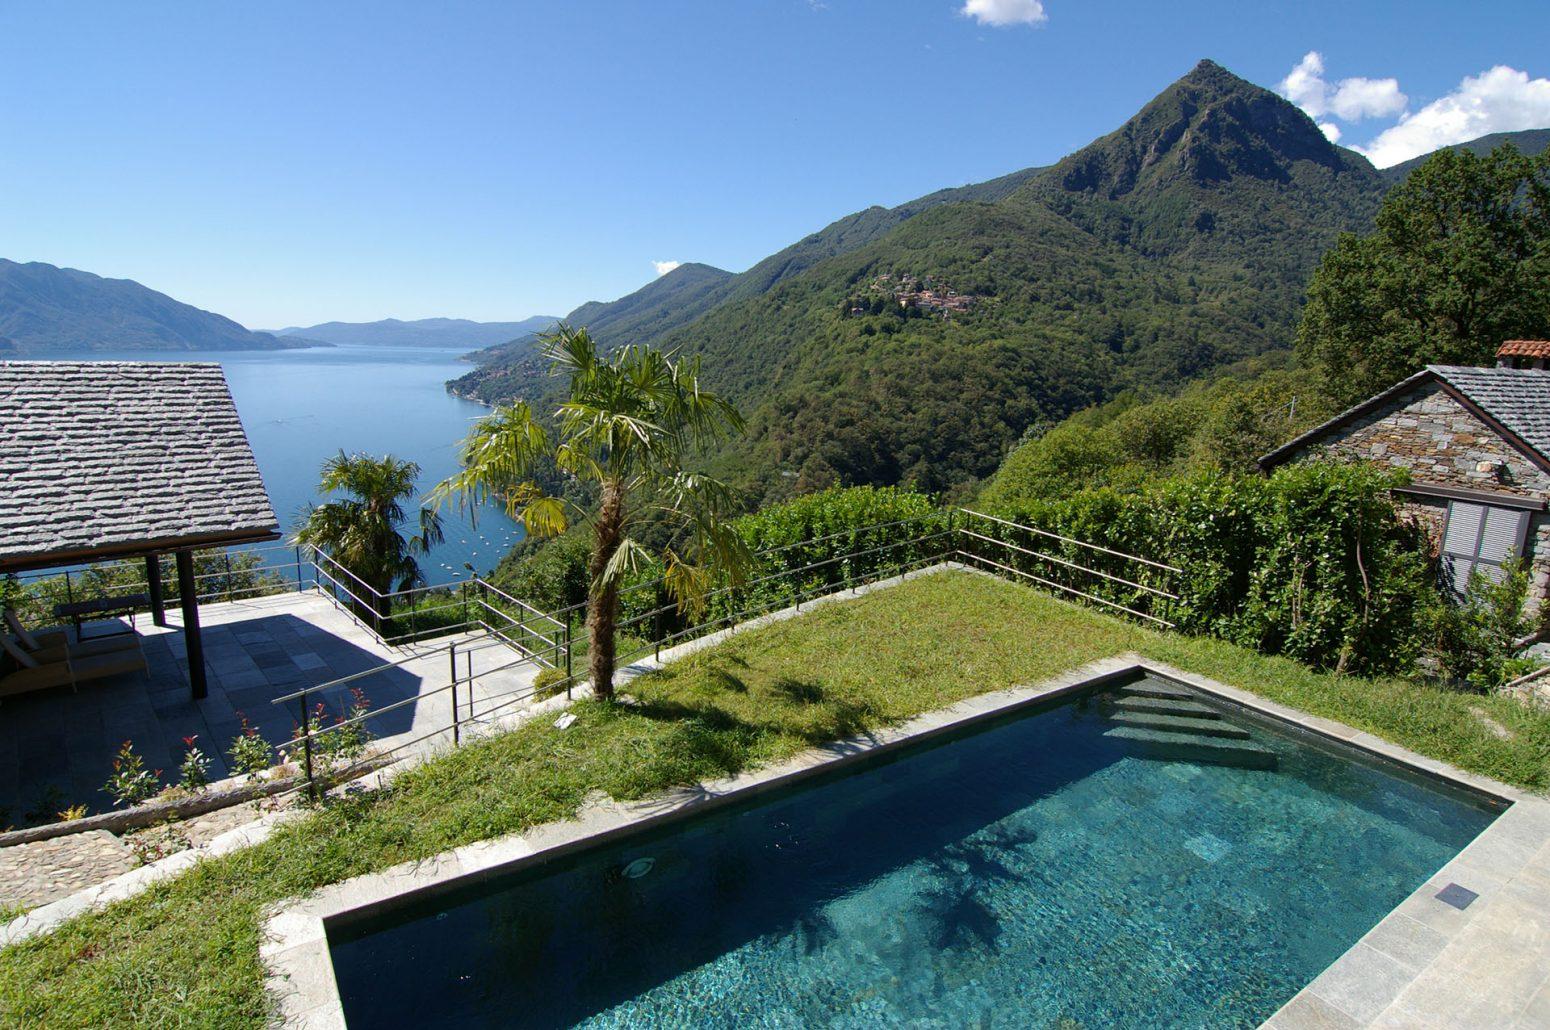 piscine verbano - anima di pietra (3)